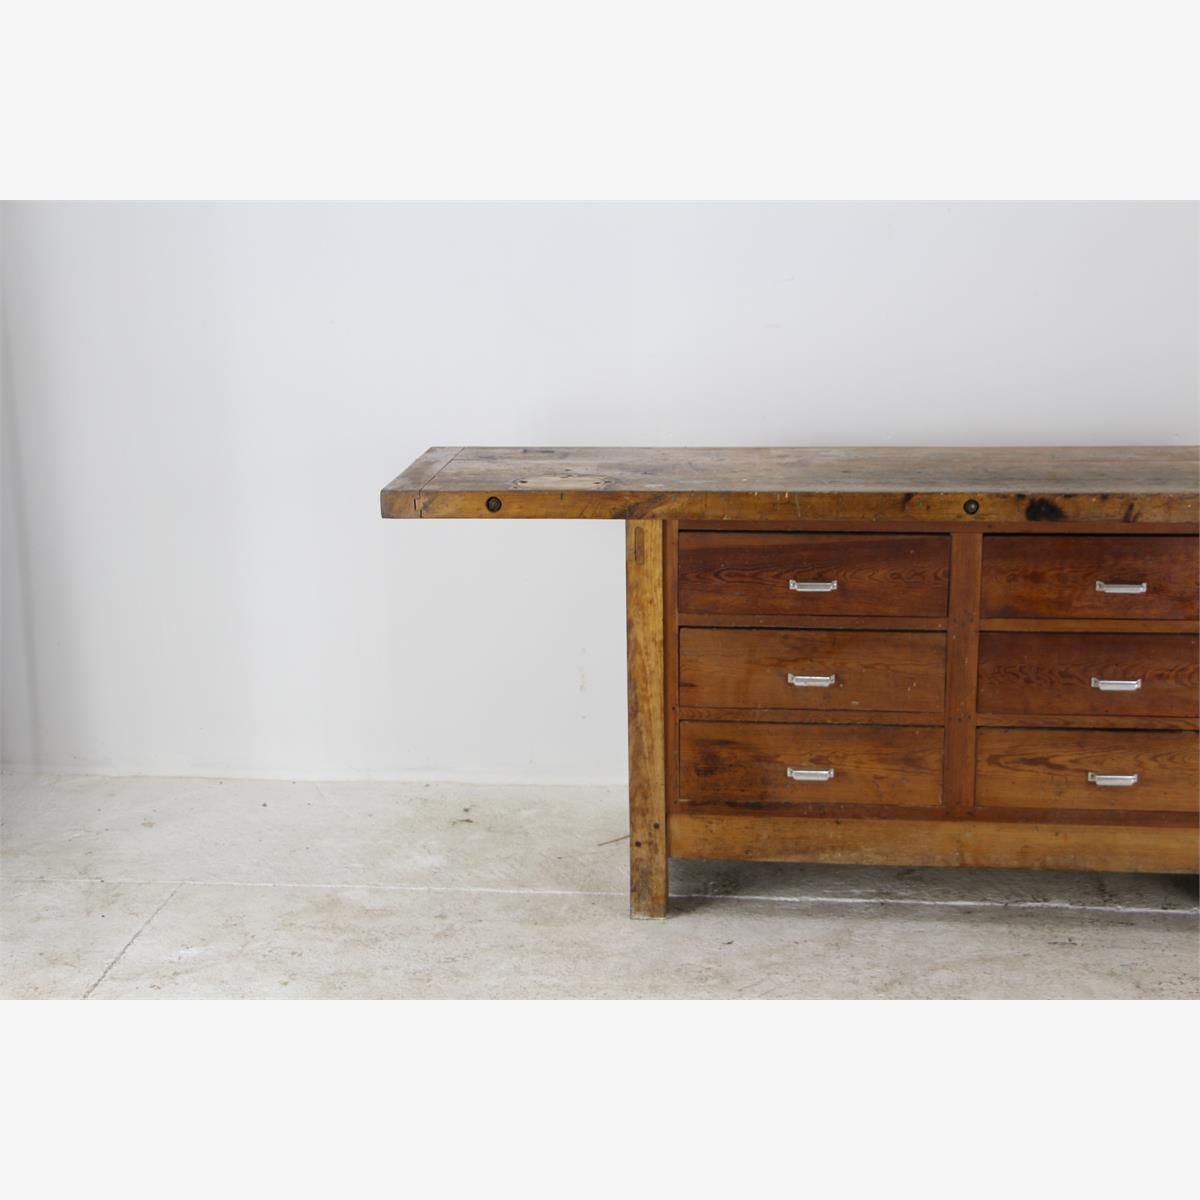 Afbeeldingen van houten werkbank met beuken bovenblad